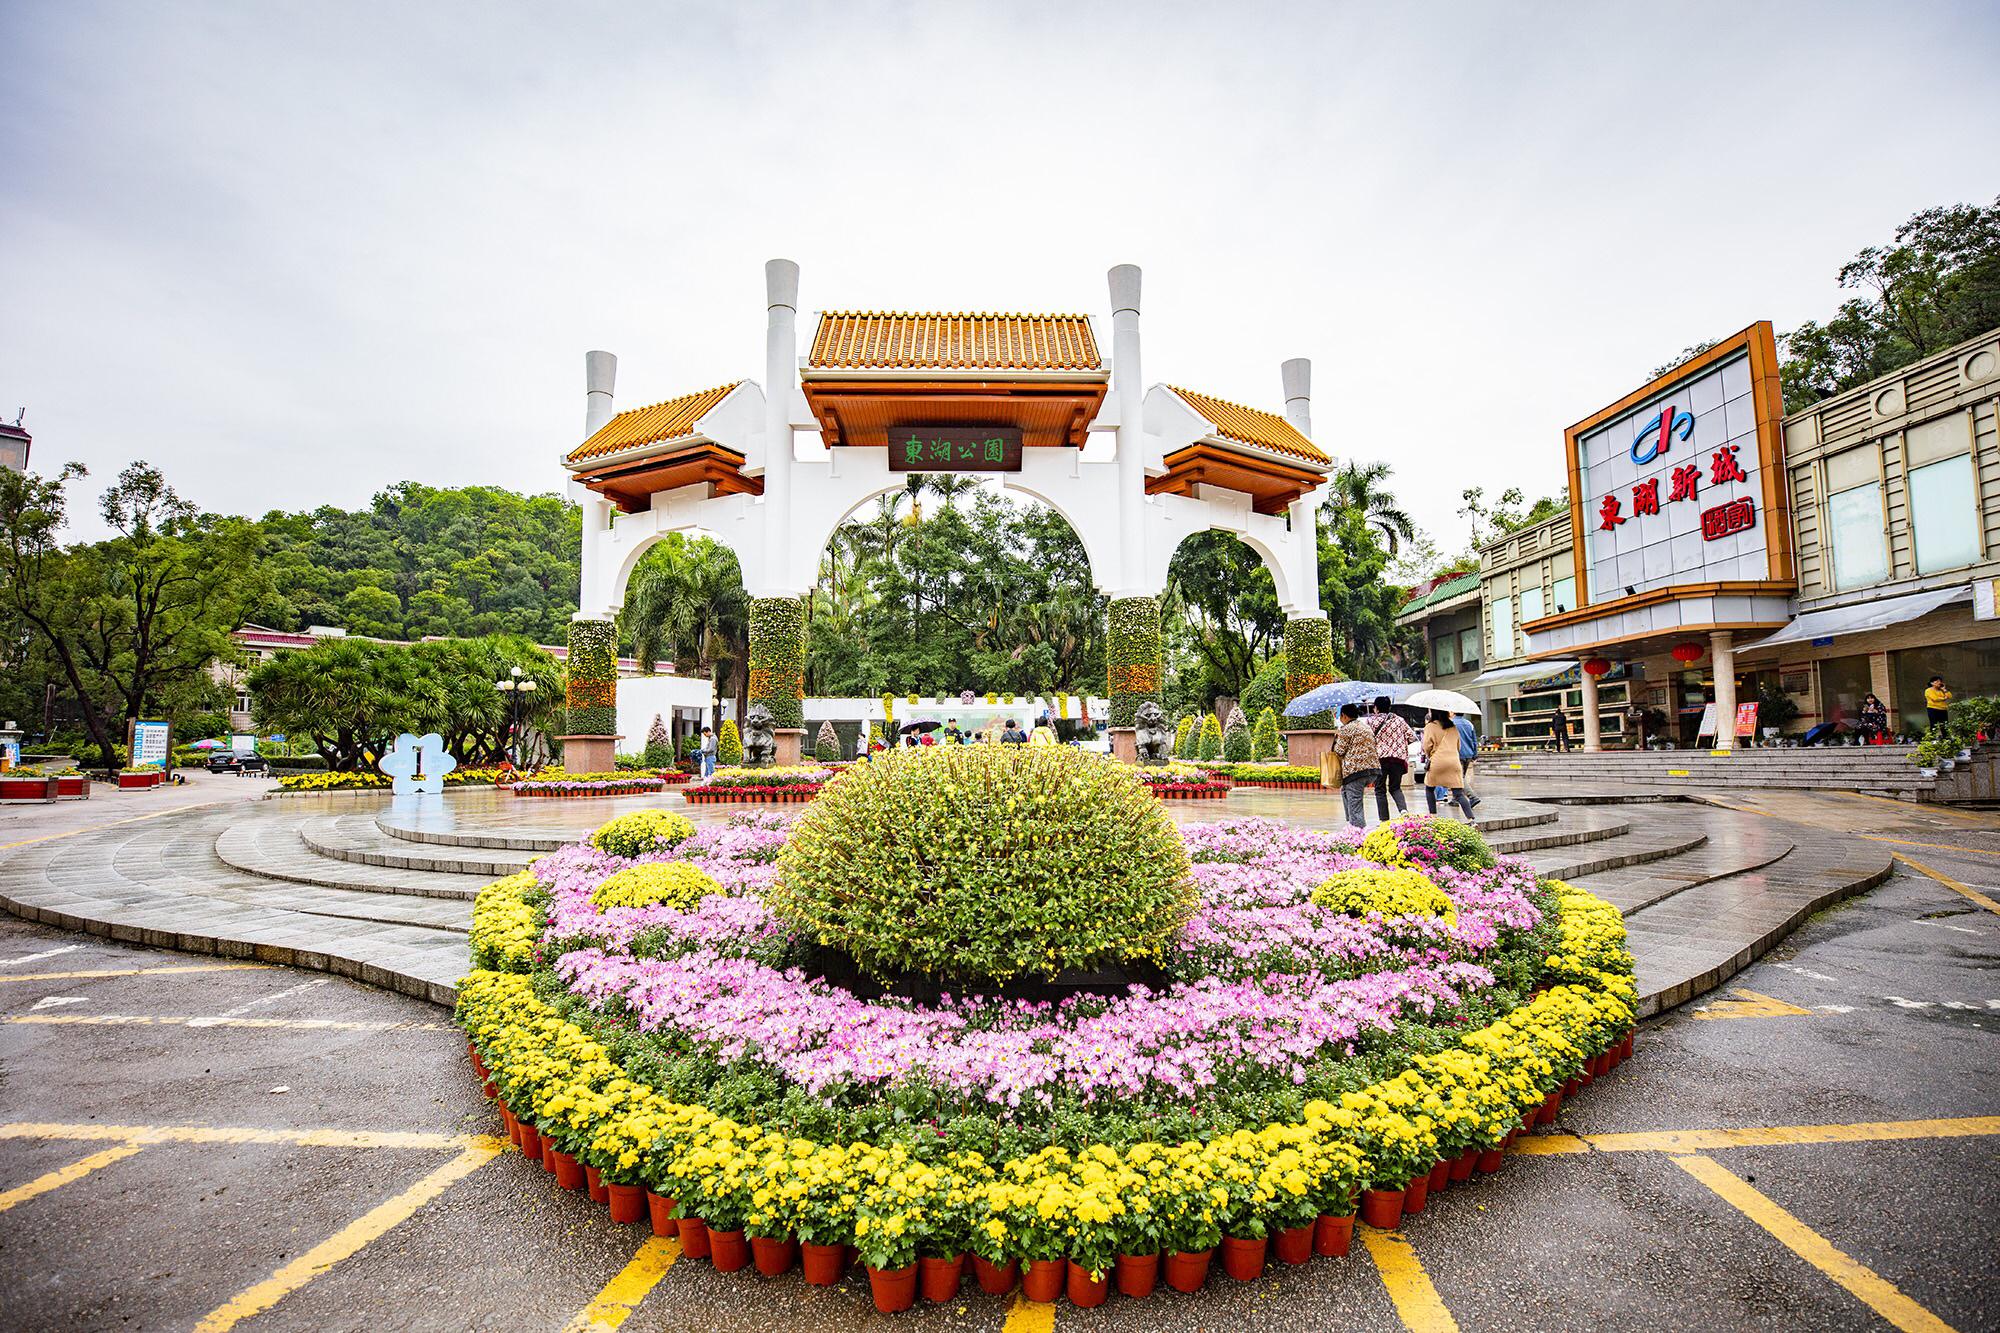 Shenzhen Donghu Park